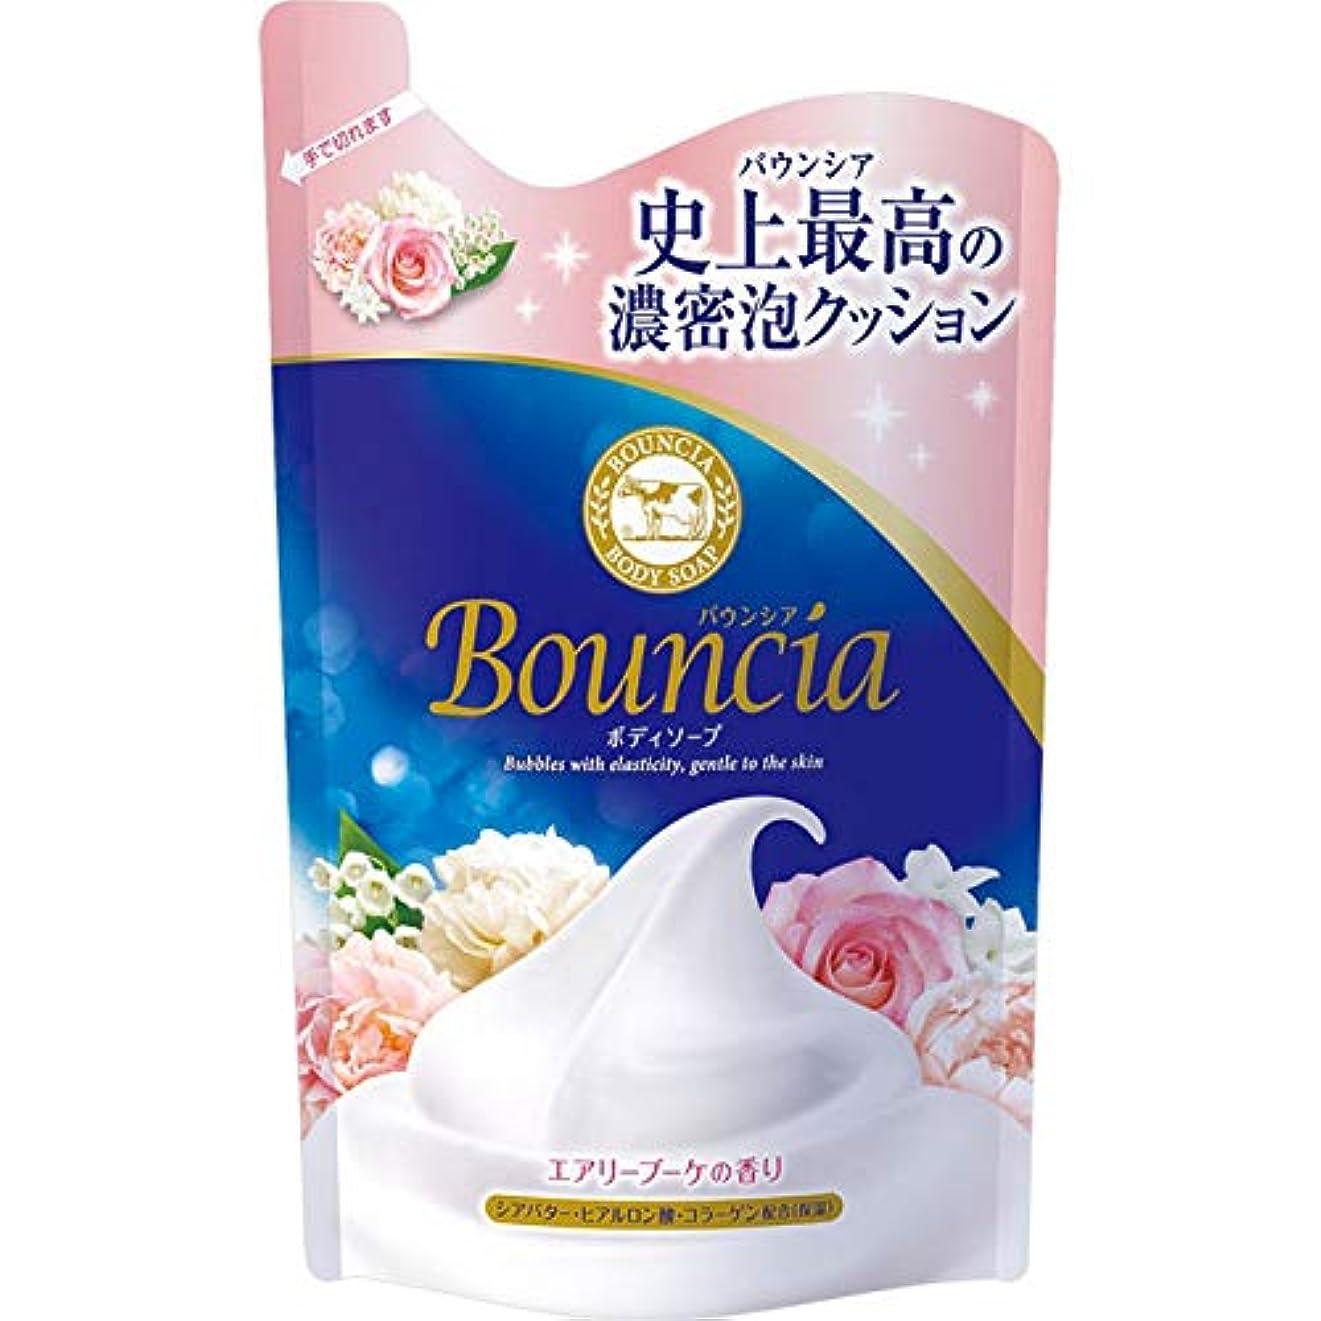 香ばしい先のことを考える恐ろしいですバウンシアボディソープ エアリーブーケの香り 詰替用?400mL × 7個セット